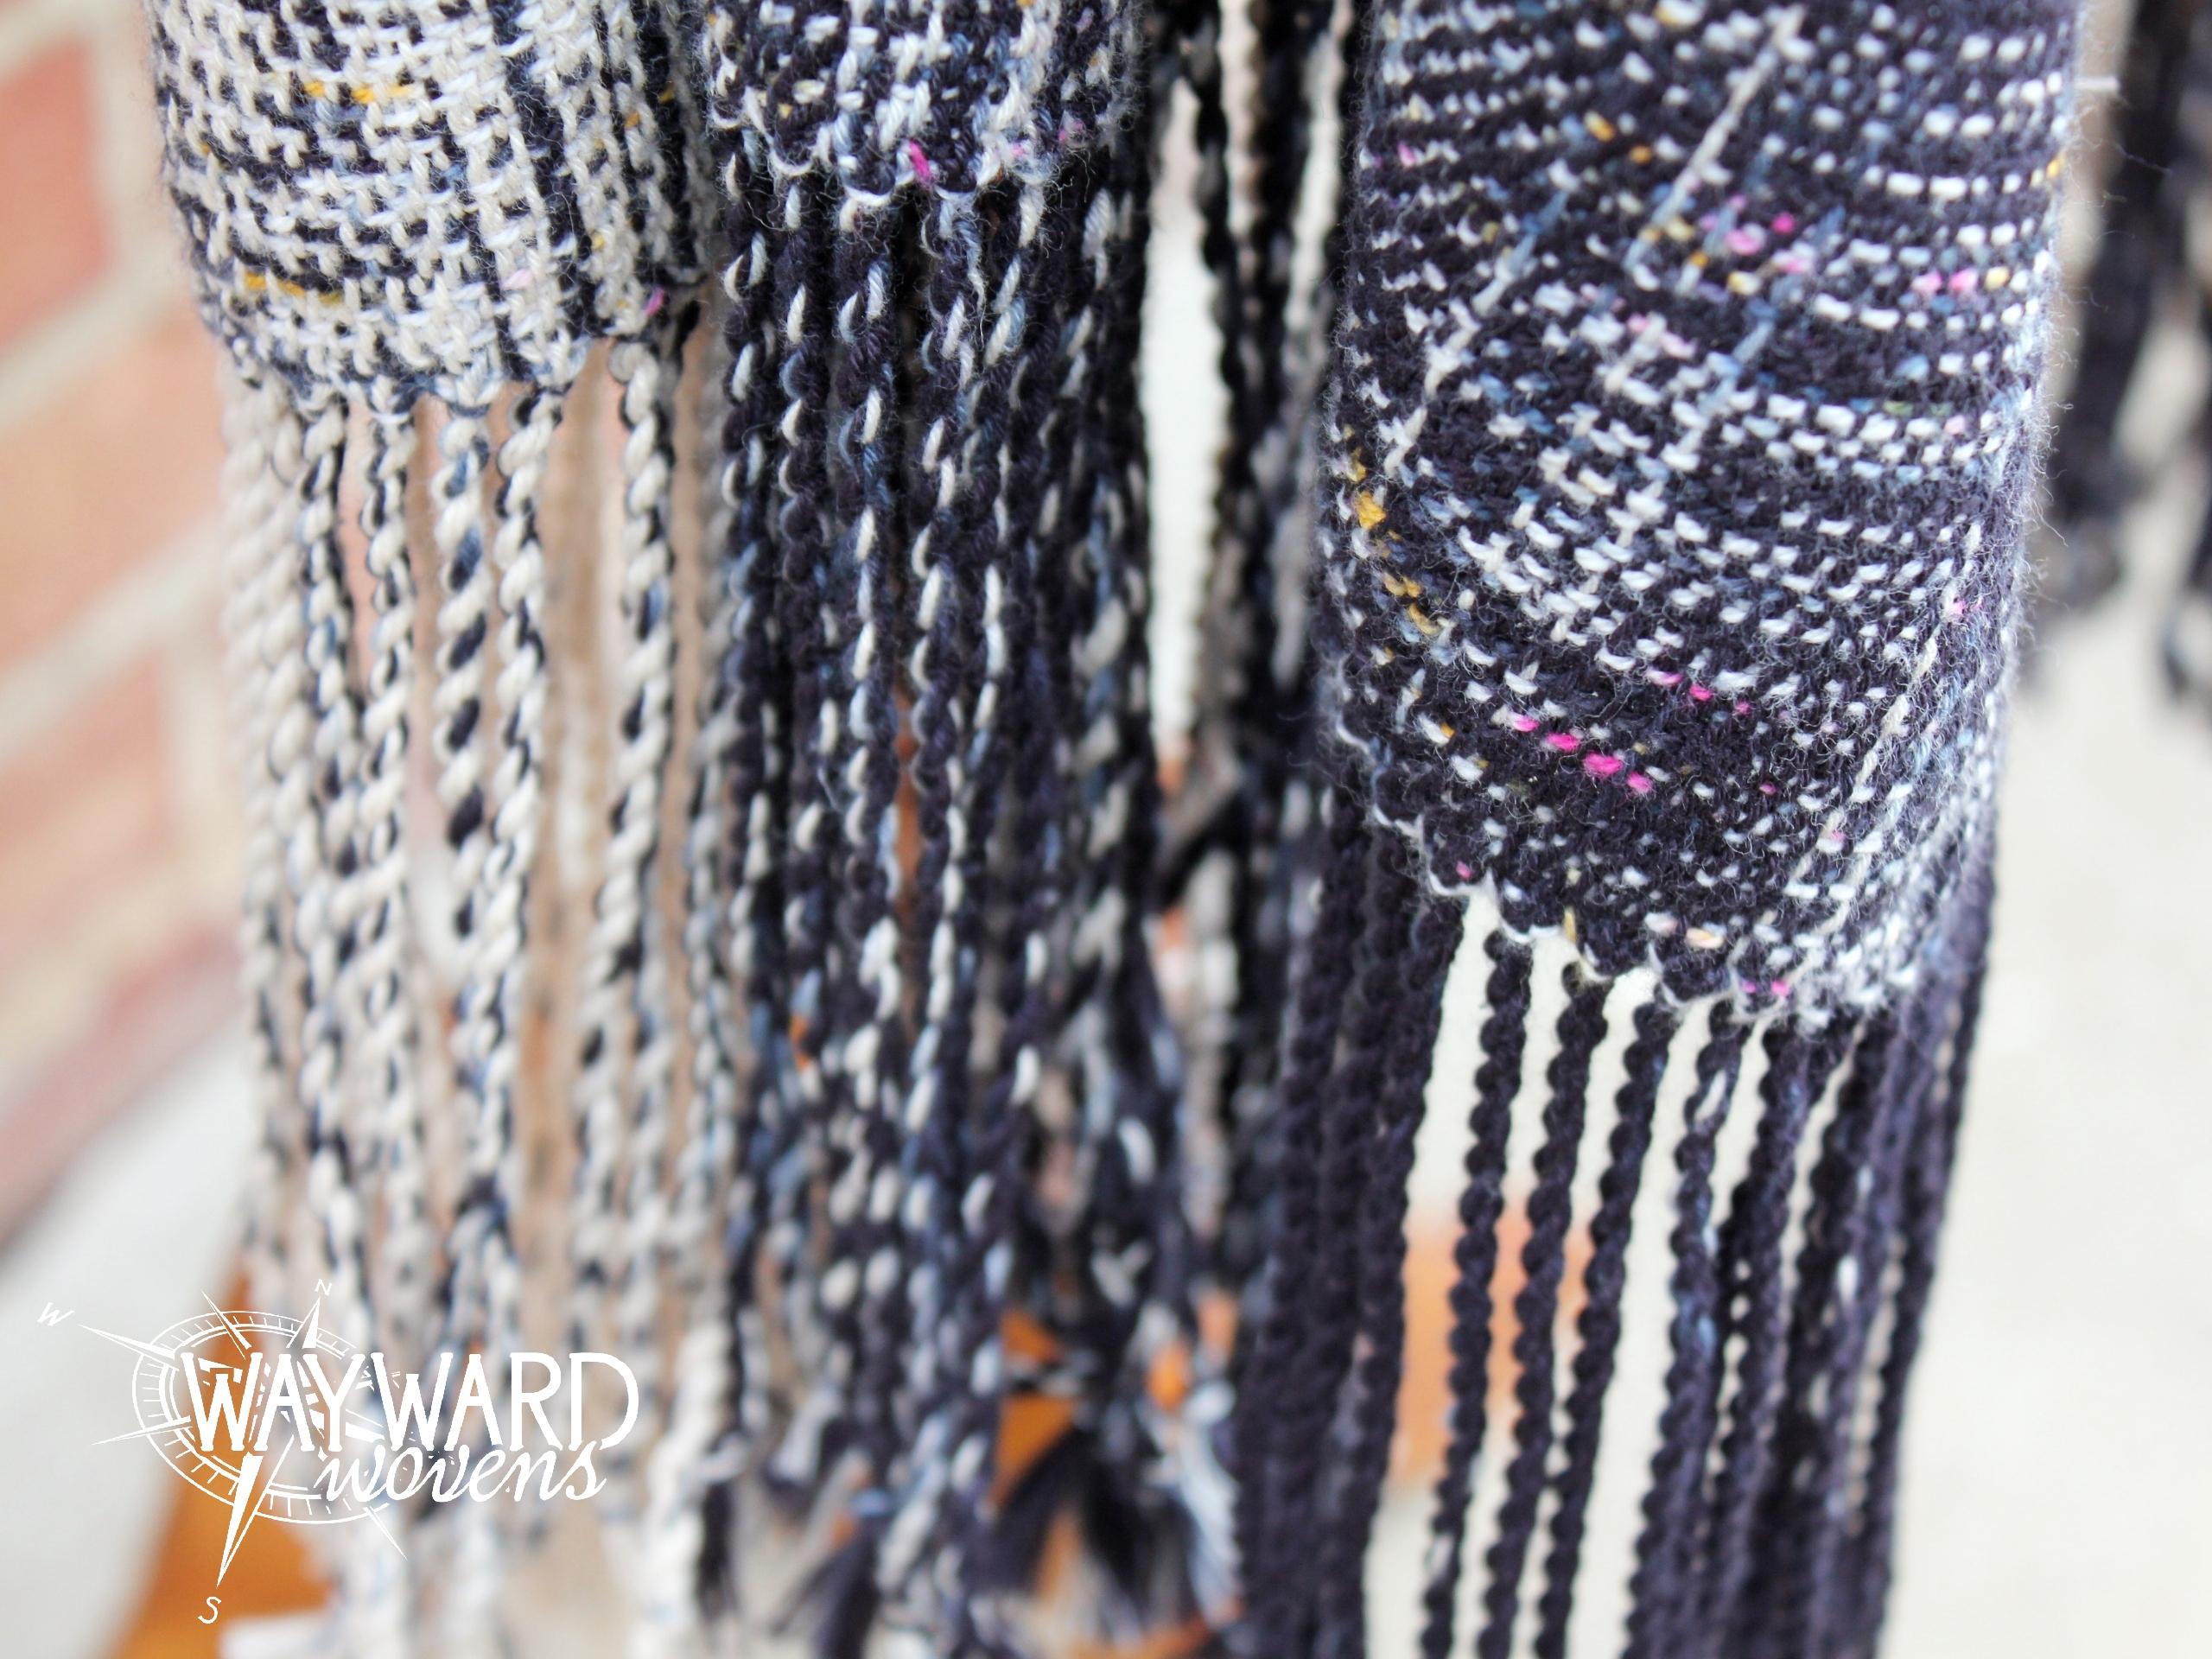 Cotton weft with fringe